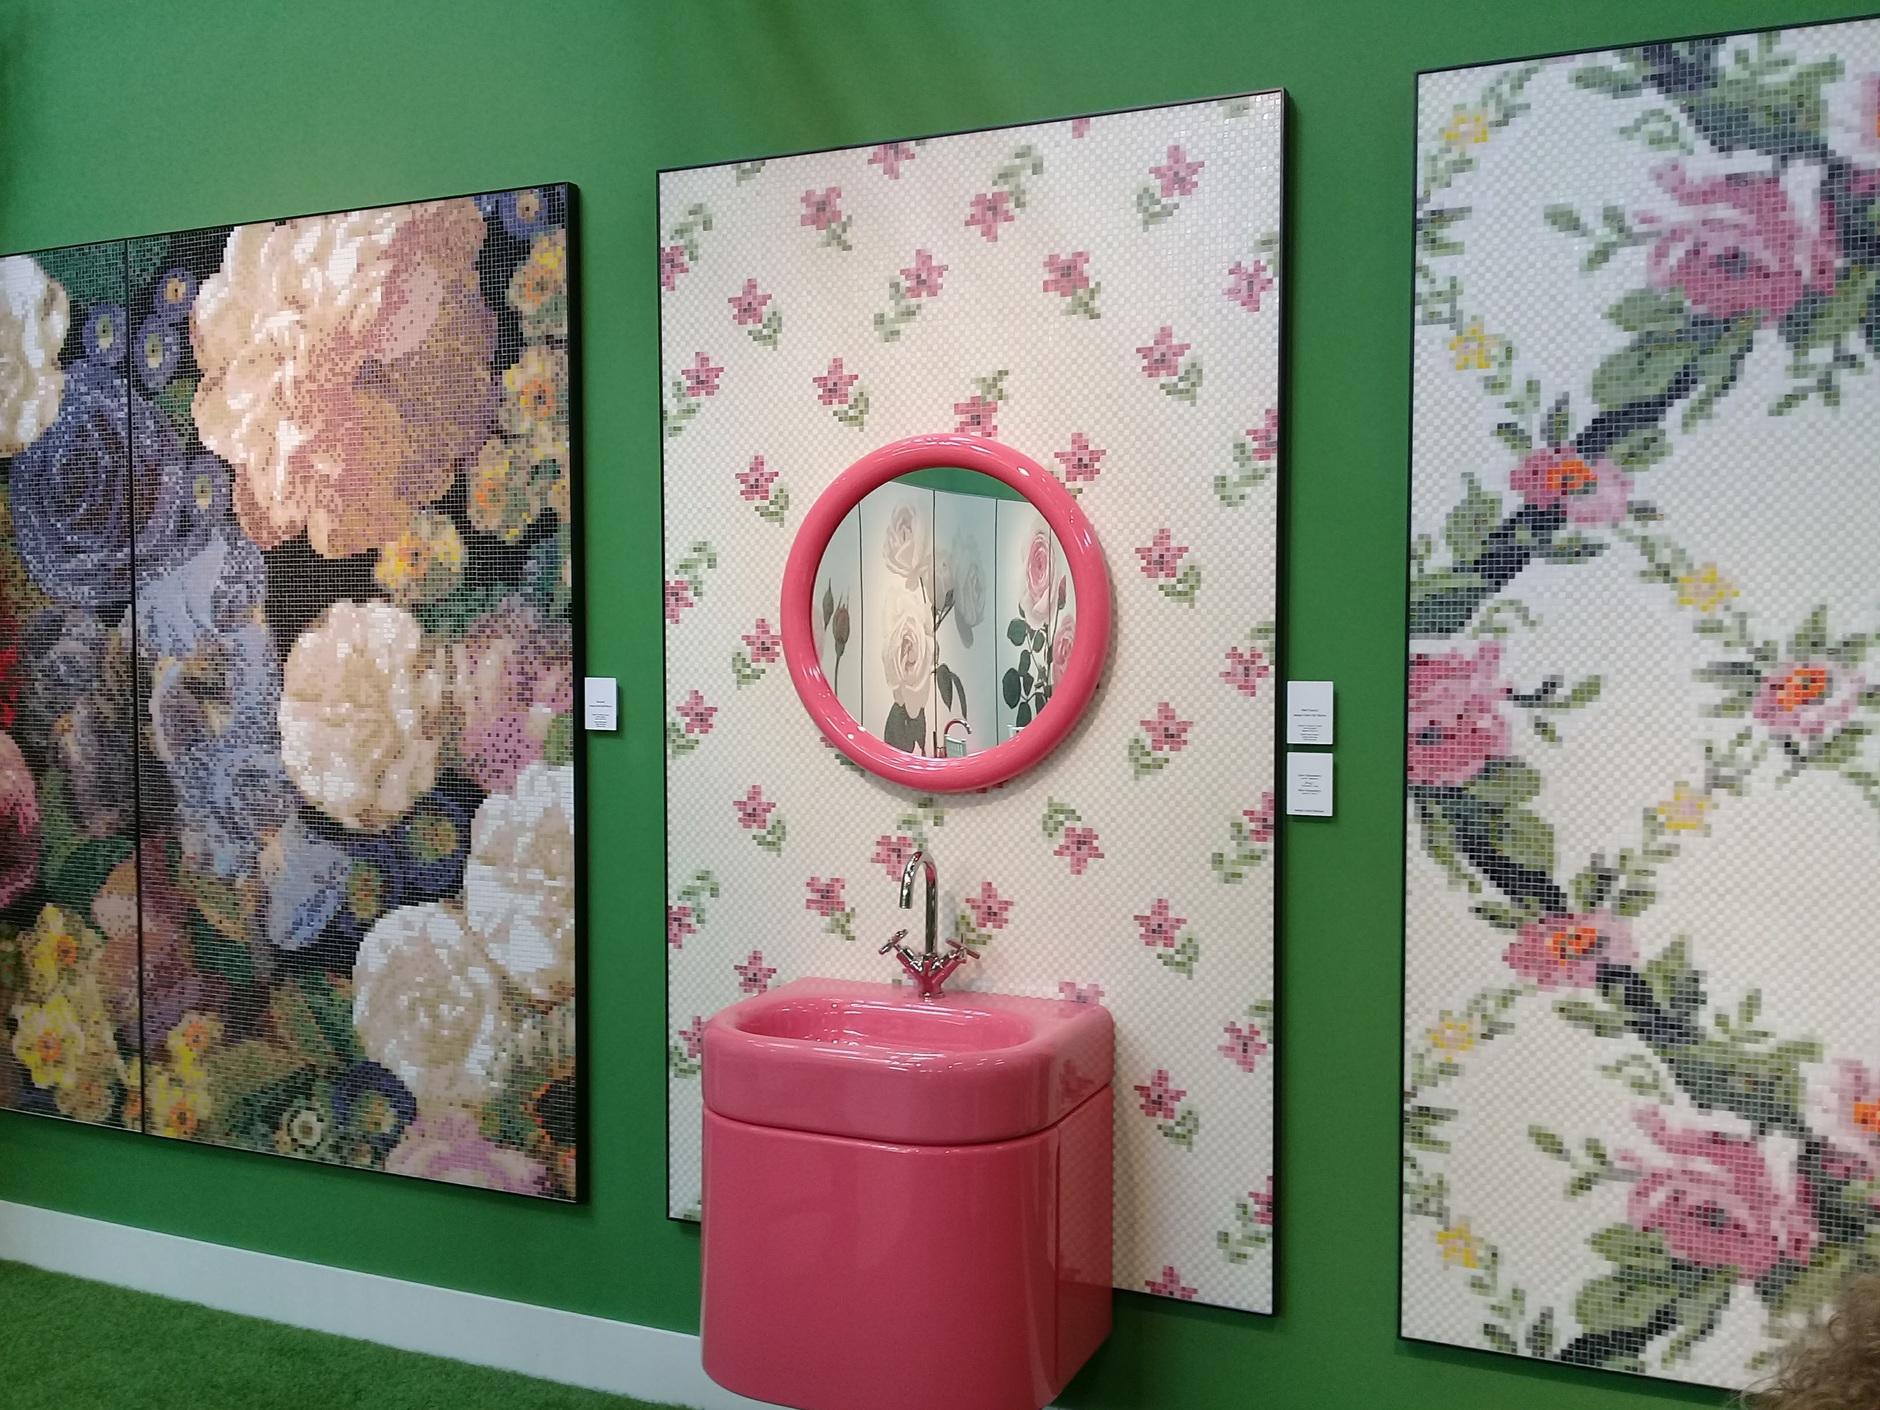 15 новинок выставки Cersaie — керамика как искусство (галерея 10, фото 5)